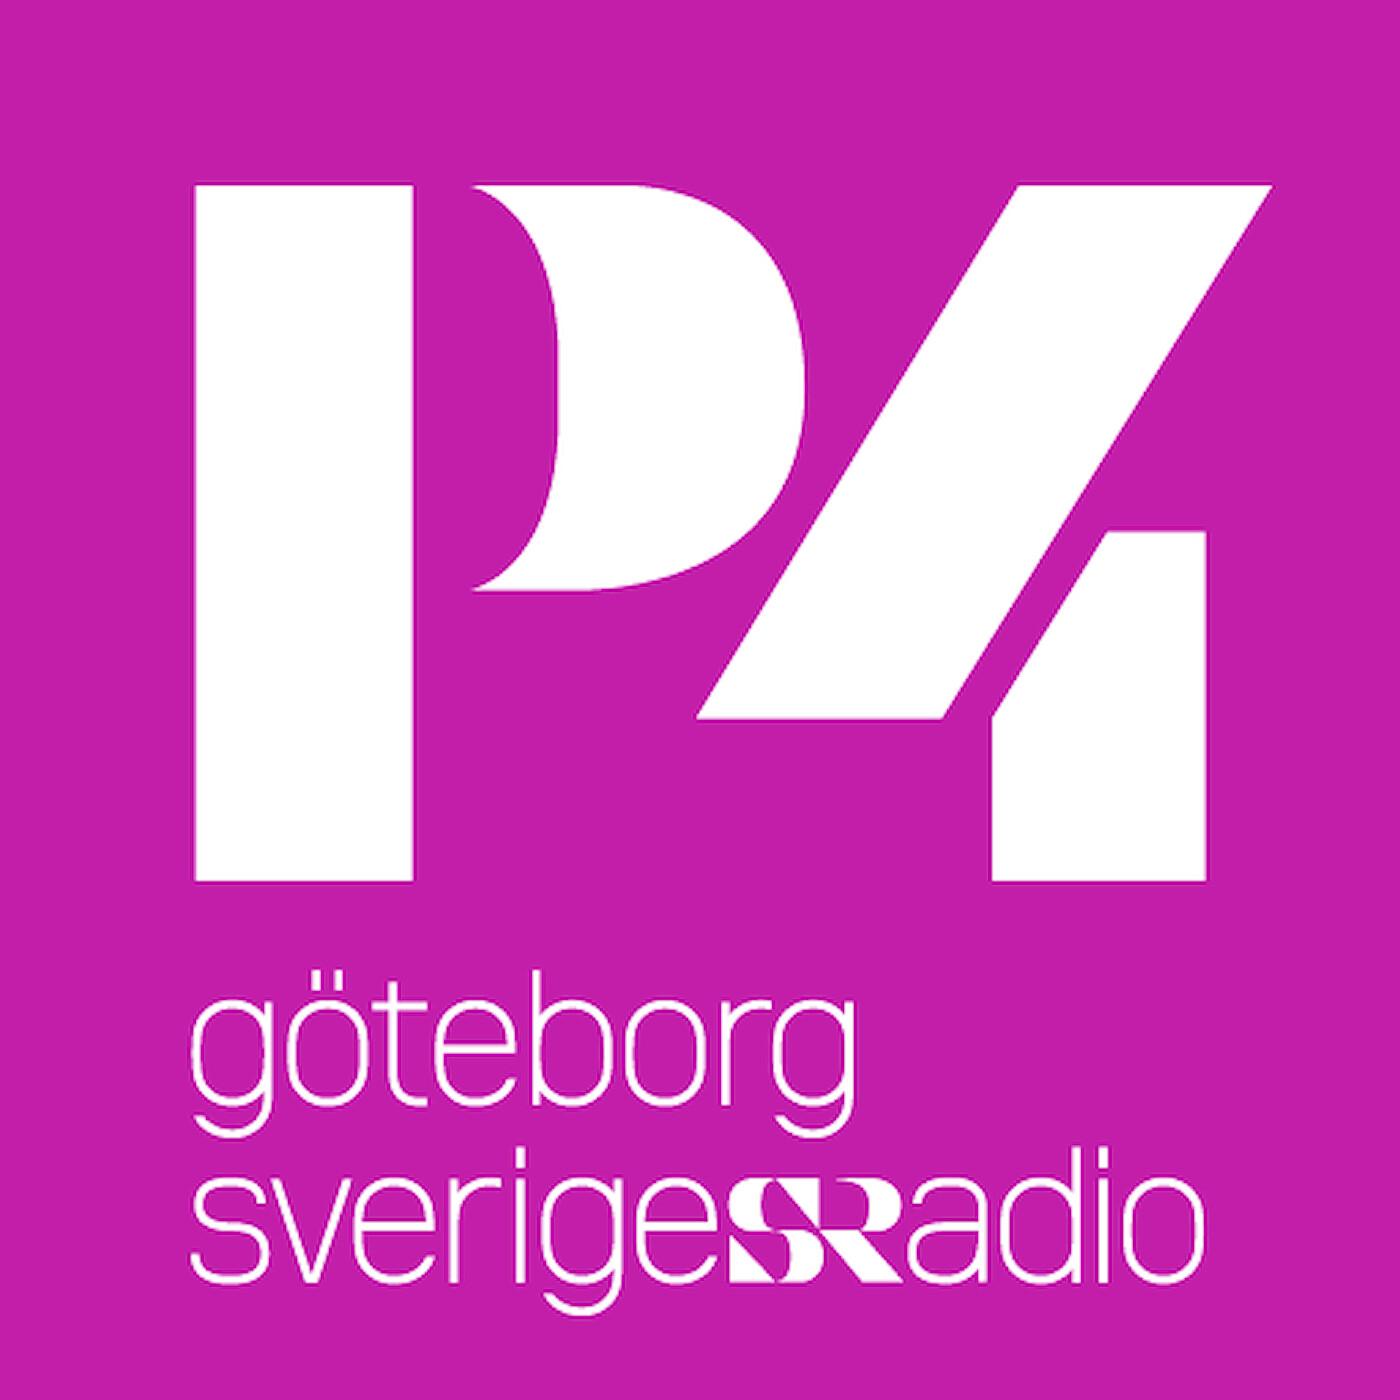 Trafik P4 Göteborg 20201020 21.58 (00.35) 2020-10-20 kl. 21.58